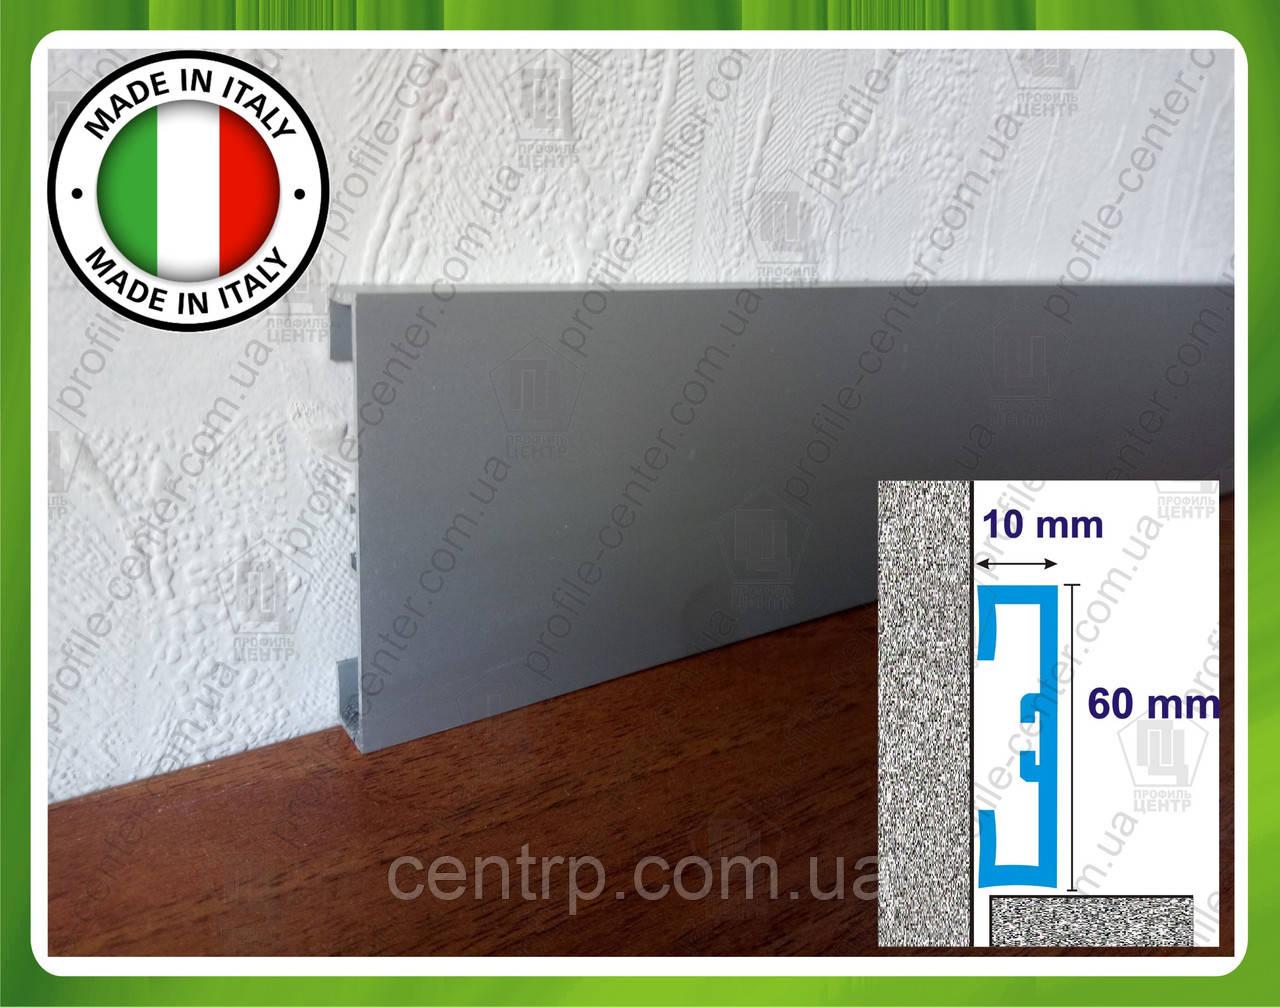 Квадратный алюминиевый плинтус Profilpas Metal Line 89/6 для пола, высота 60 мм